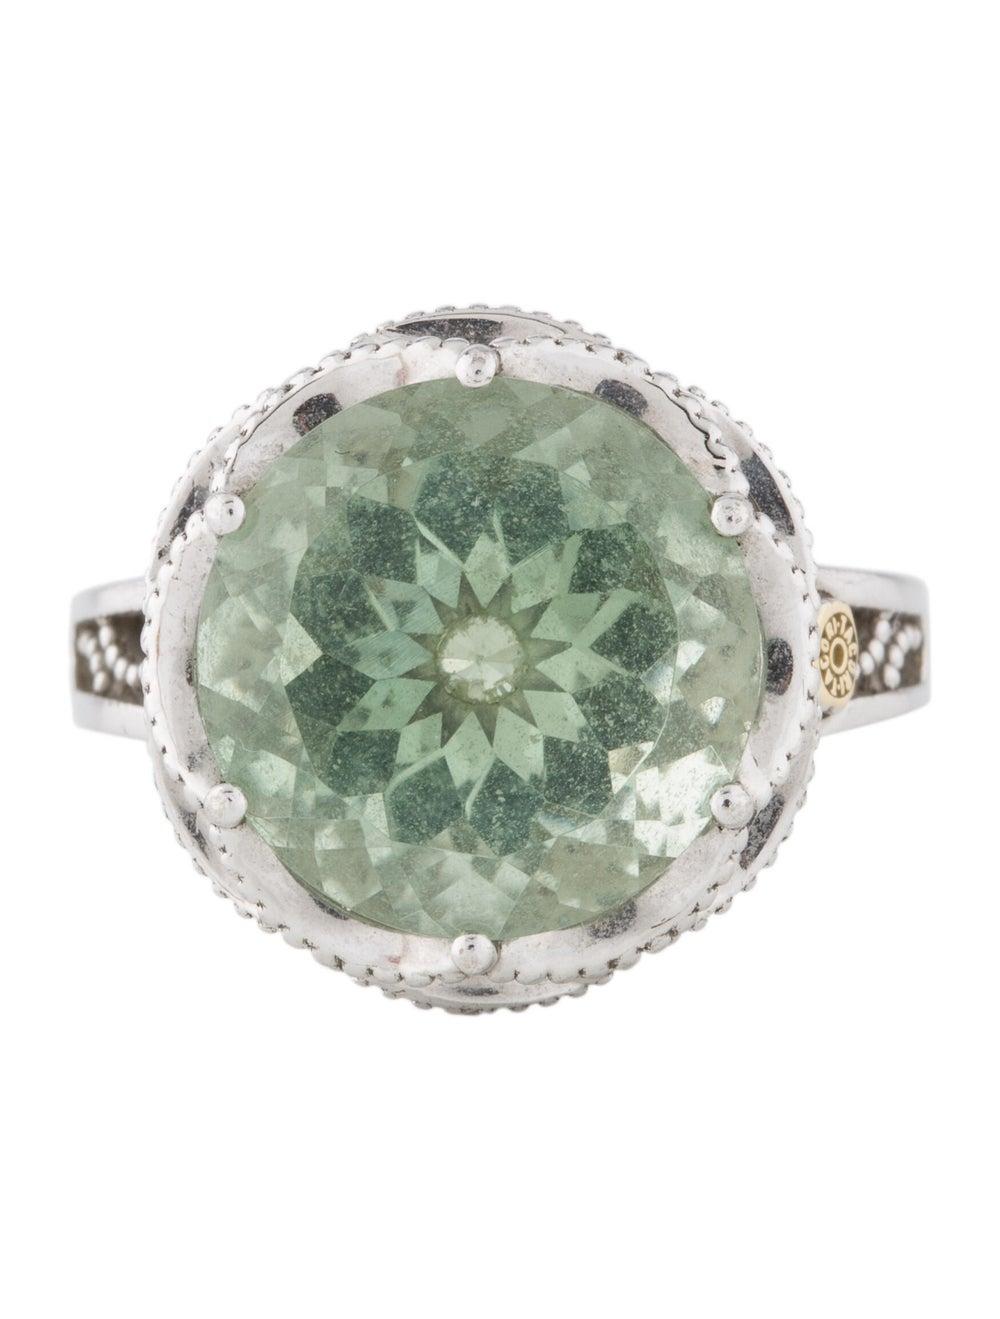 Tacori Prasiolite Ring Silver - image 3